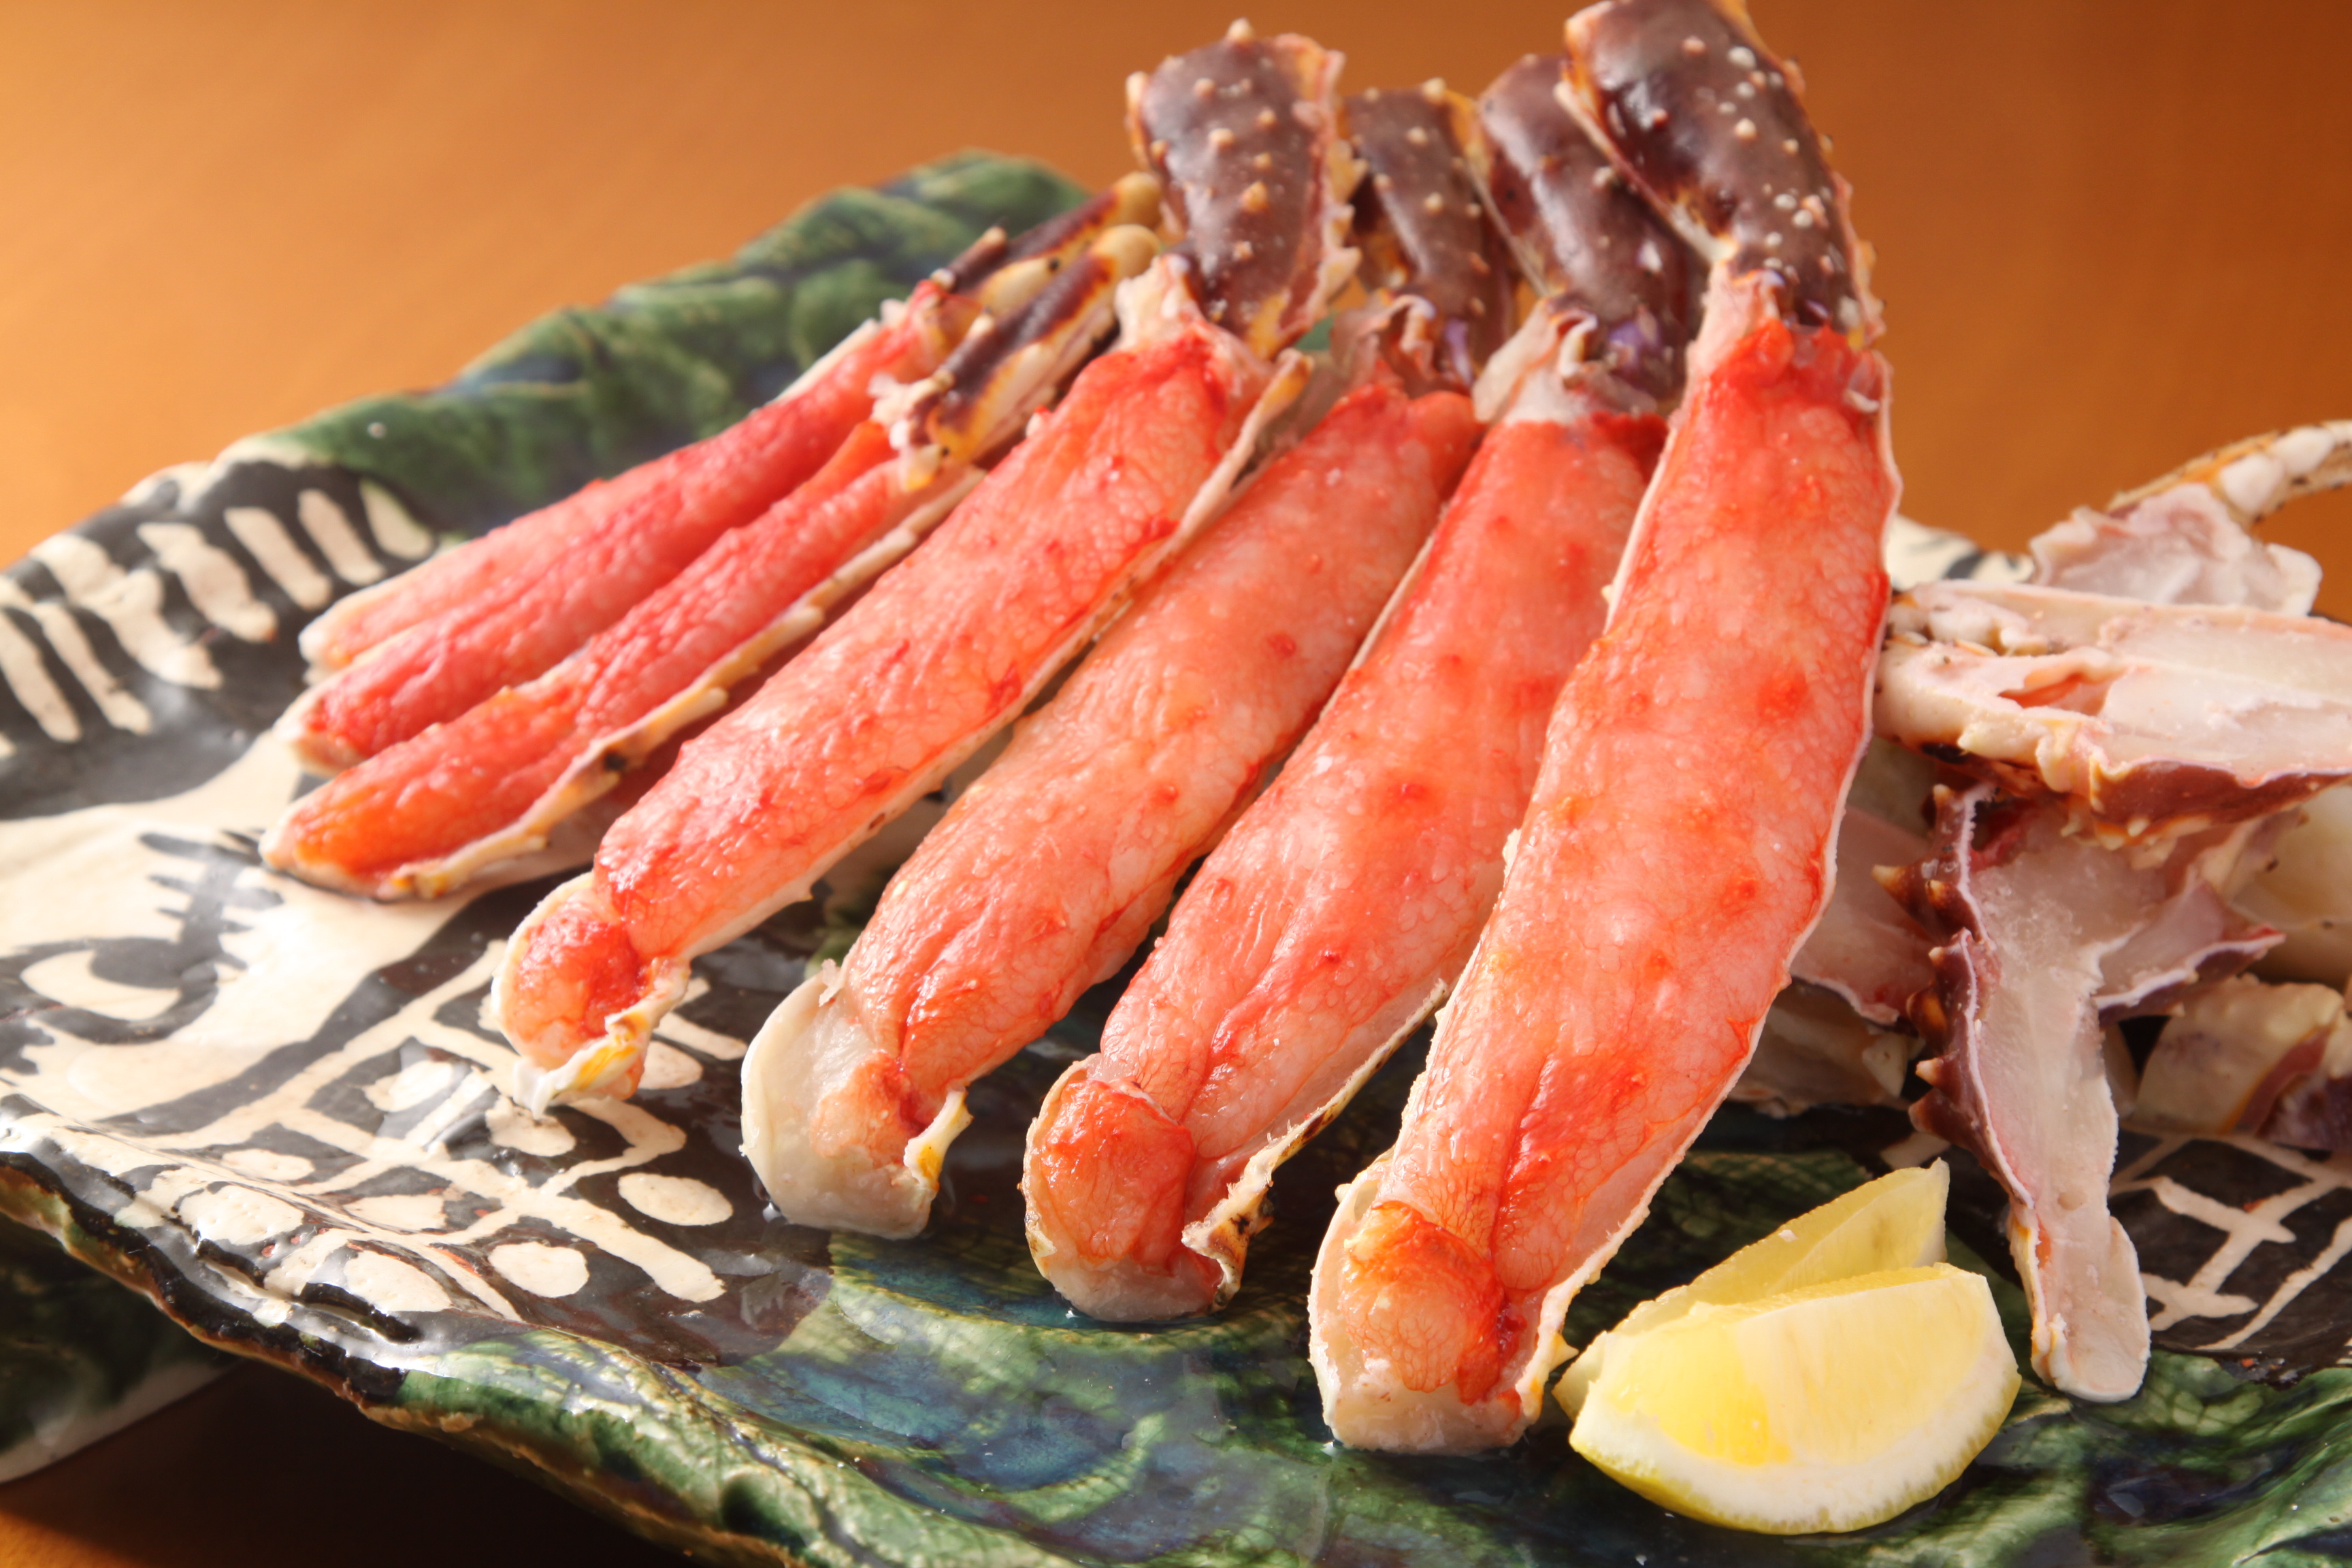 たらばがにの基本の食べ方~タラバガニのお刺身